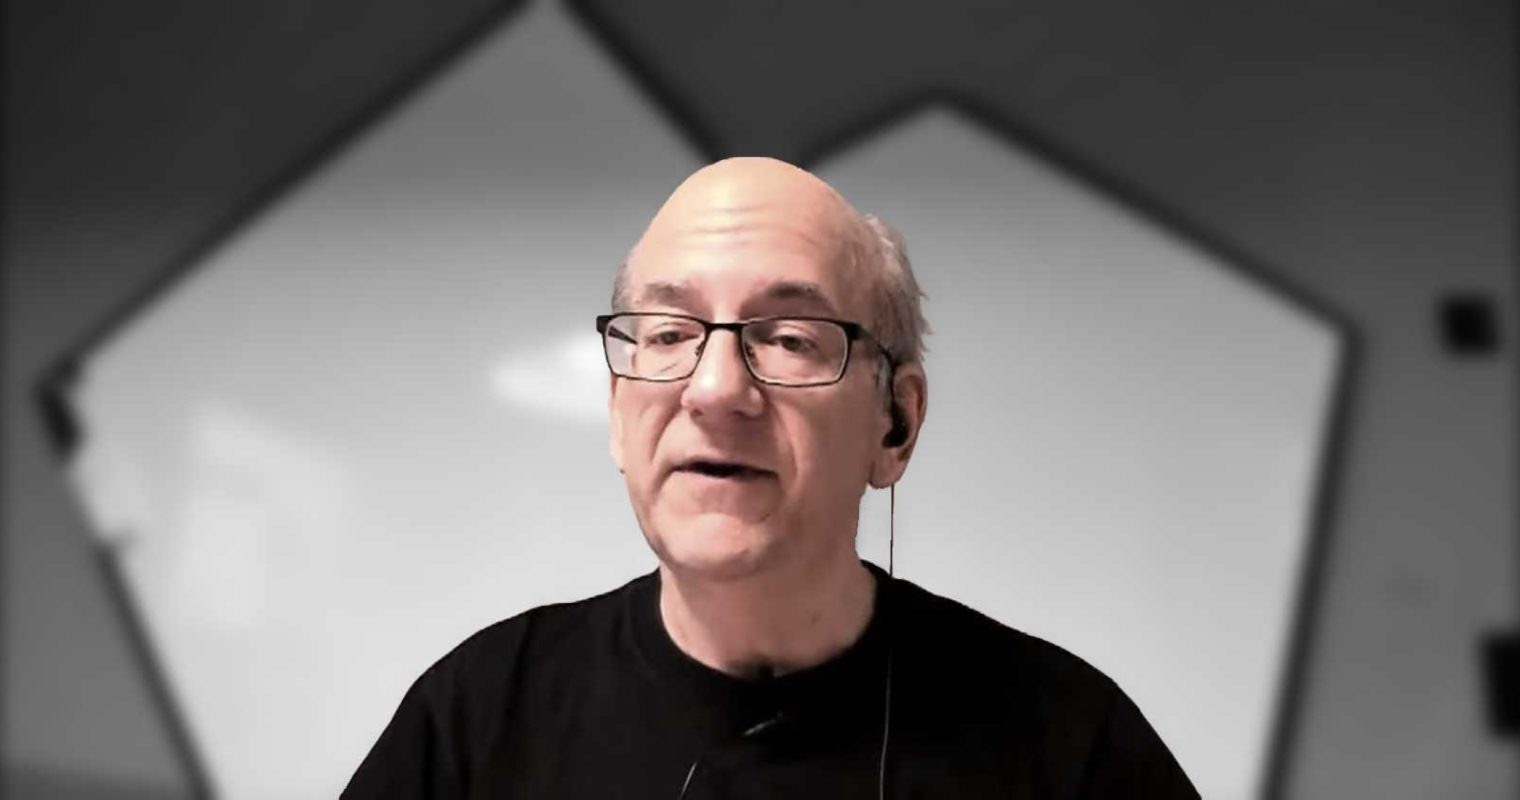 John Muller of Google